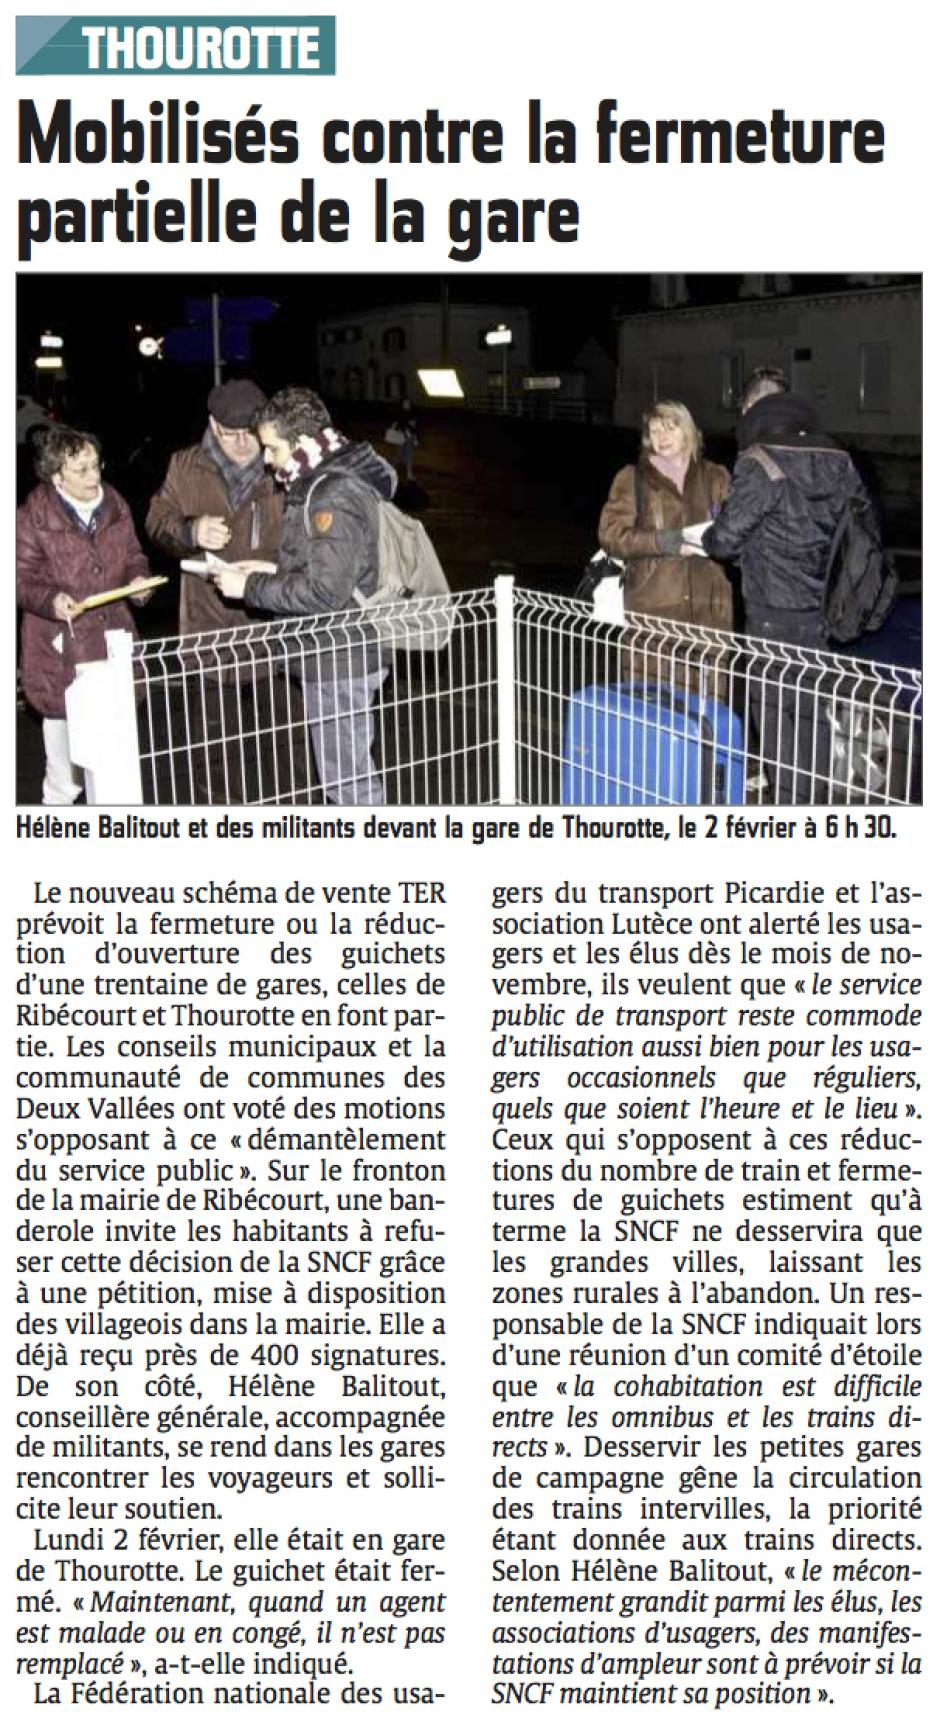 20150204-CP-Thourotte-Mobilisés contre la fermeture partielle de la gare